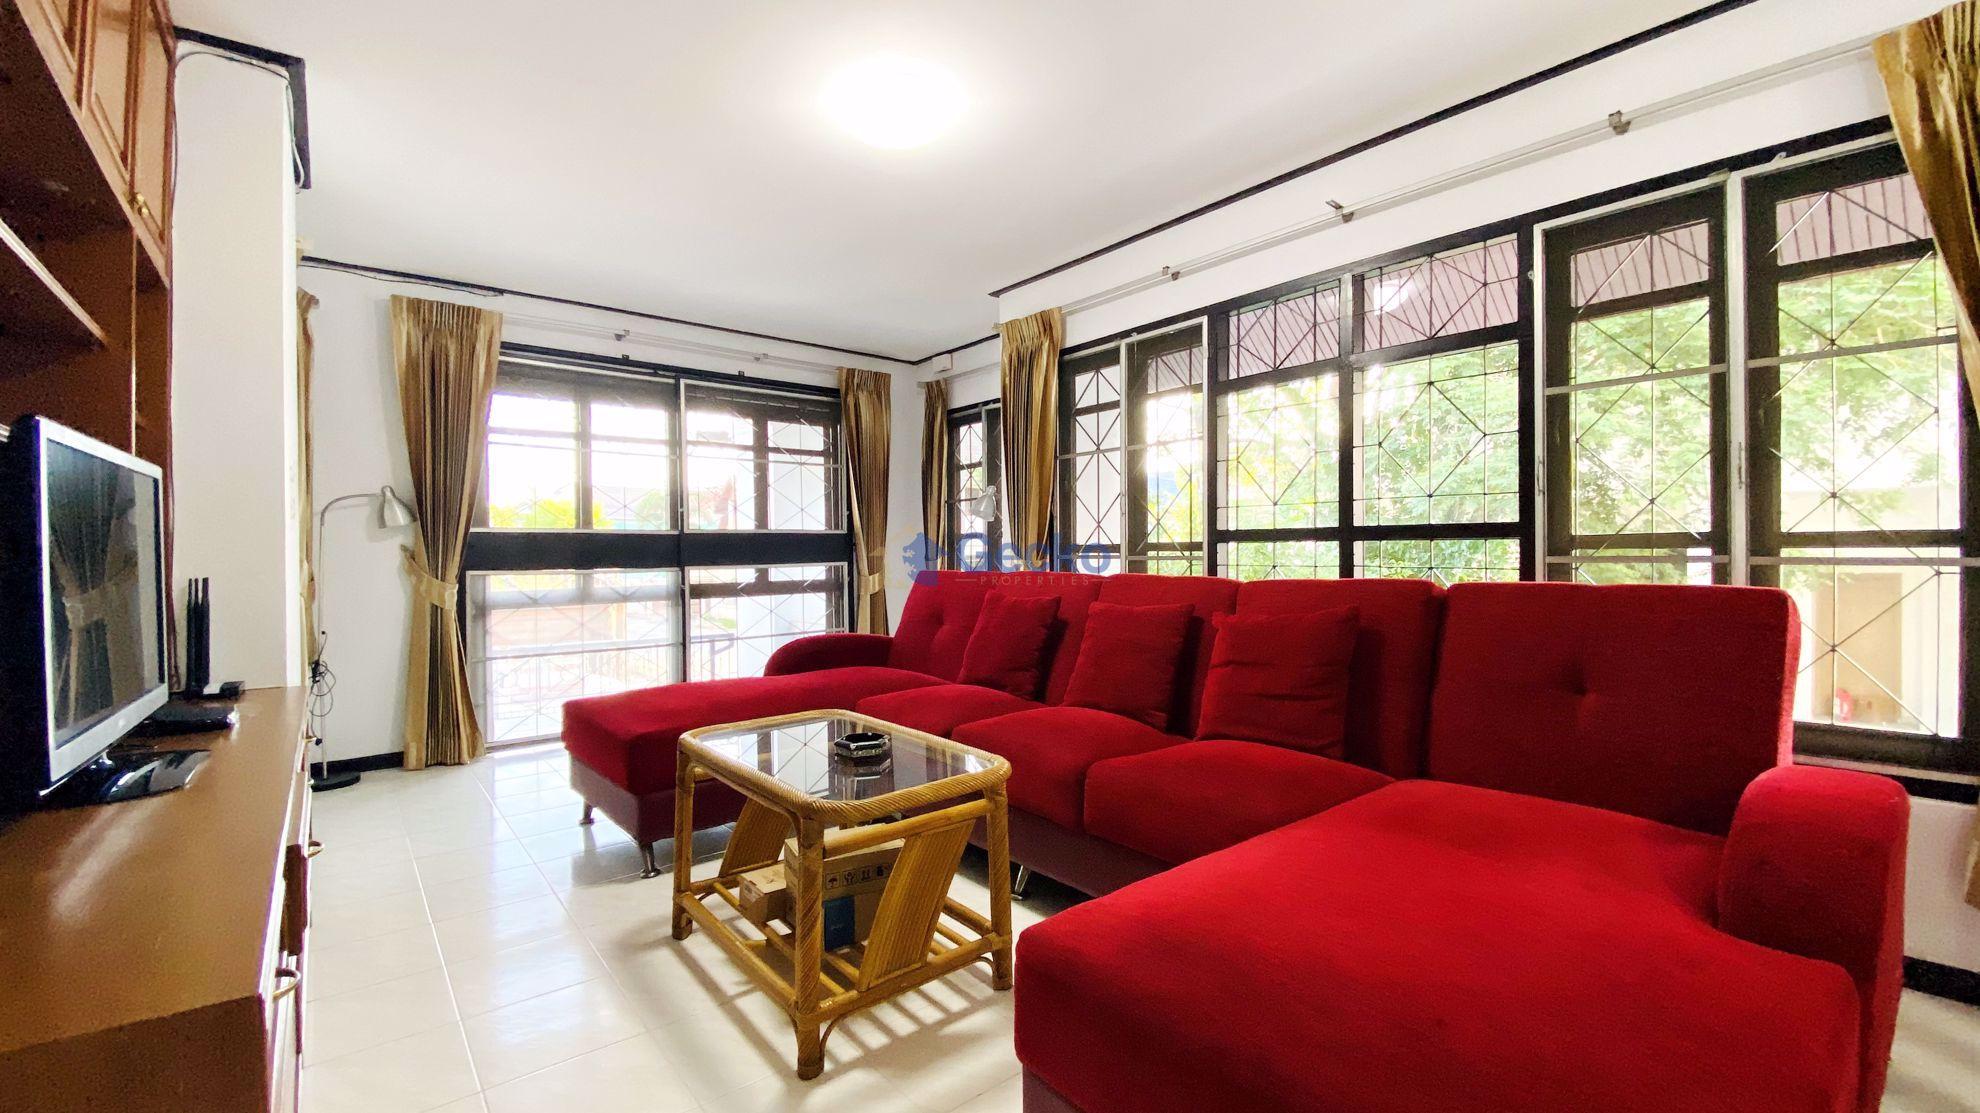 รูปภาพ 2 Bedrooms bed in House in Central Park 2 in Central Pattaya H009226